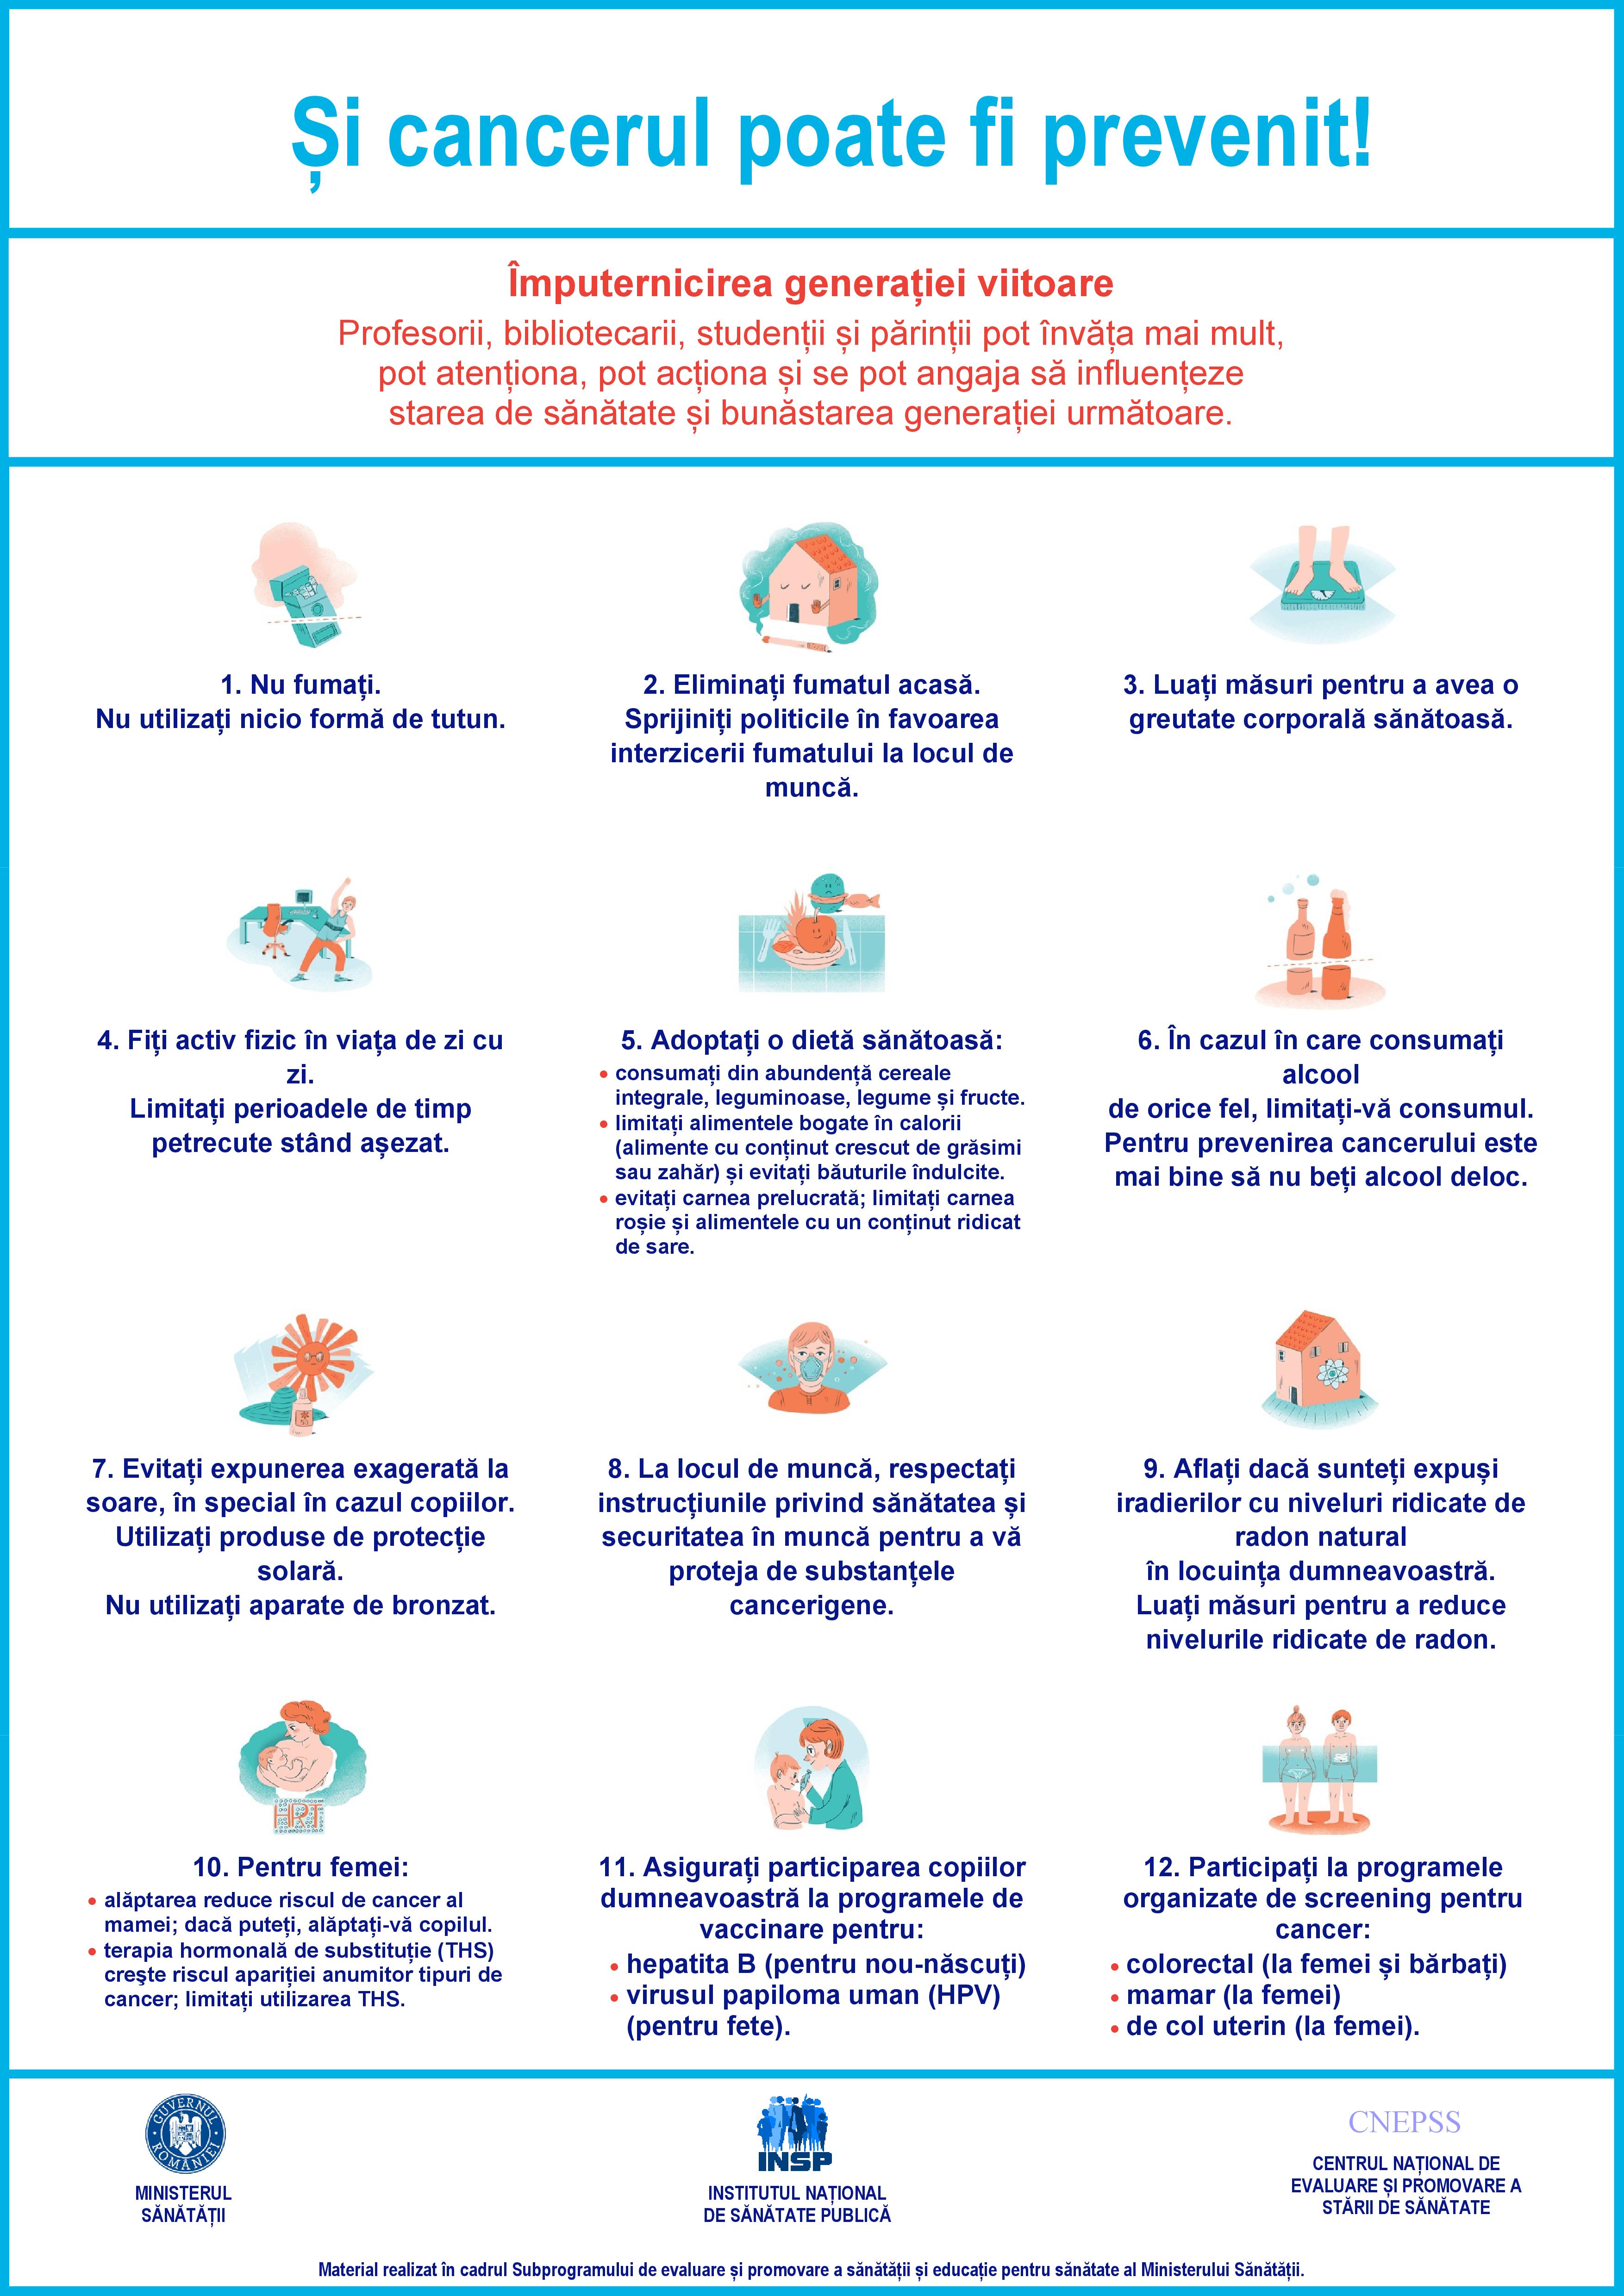 https://www.medstar2000.ro/wp-content/uploads/2019/07/preventia-cancerului.png